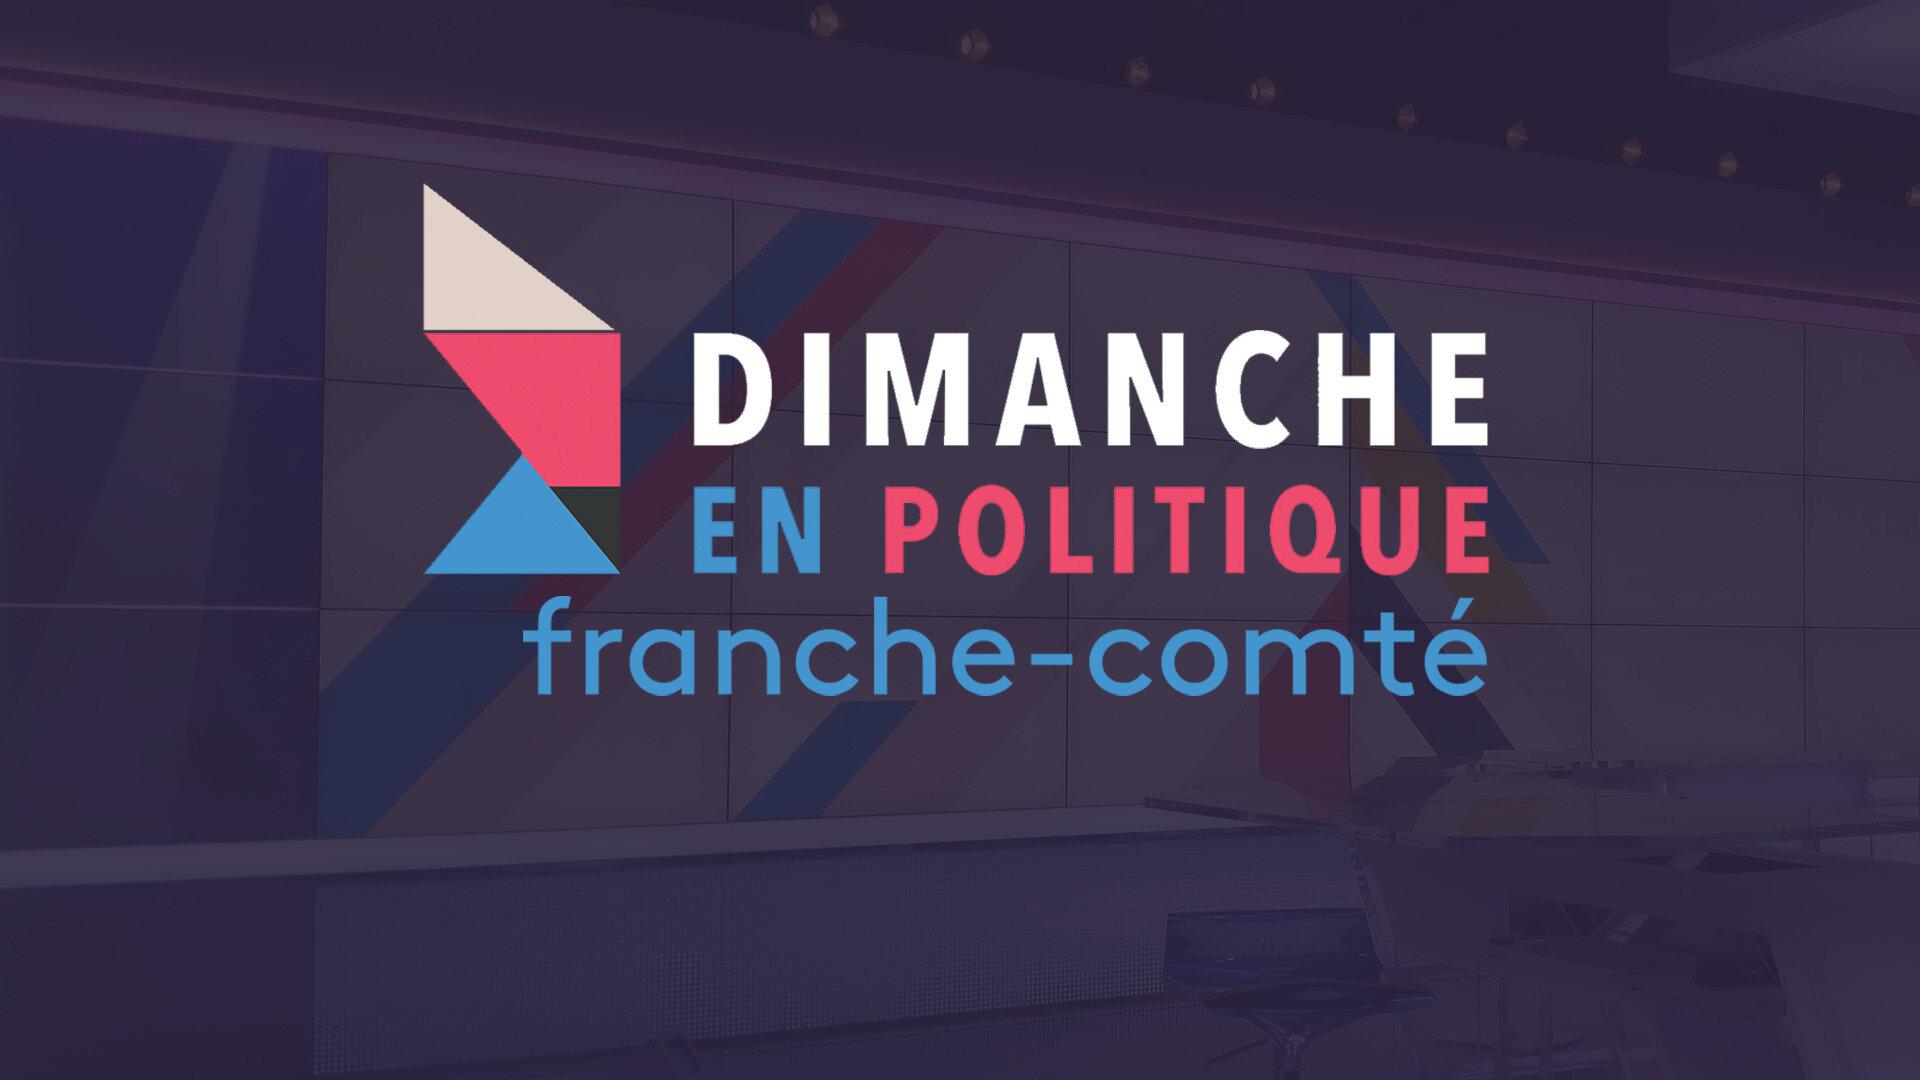 Dimanche en politique - Franche-Comté